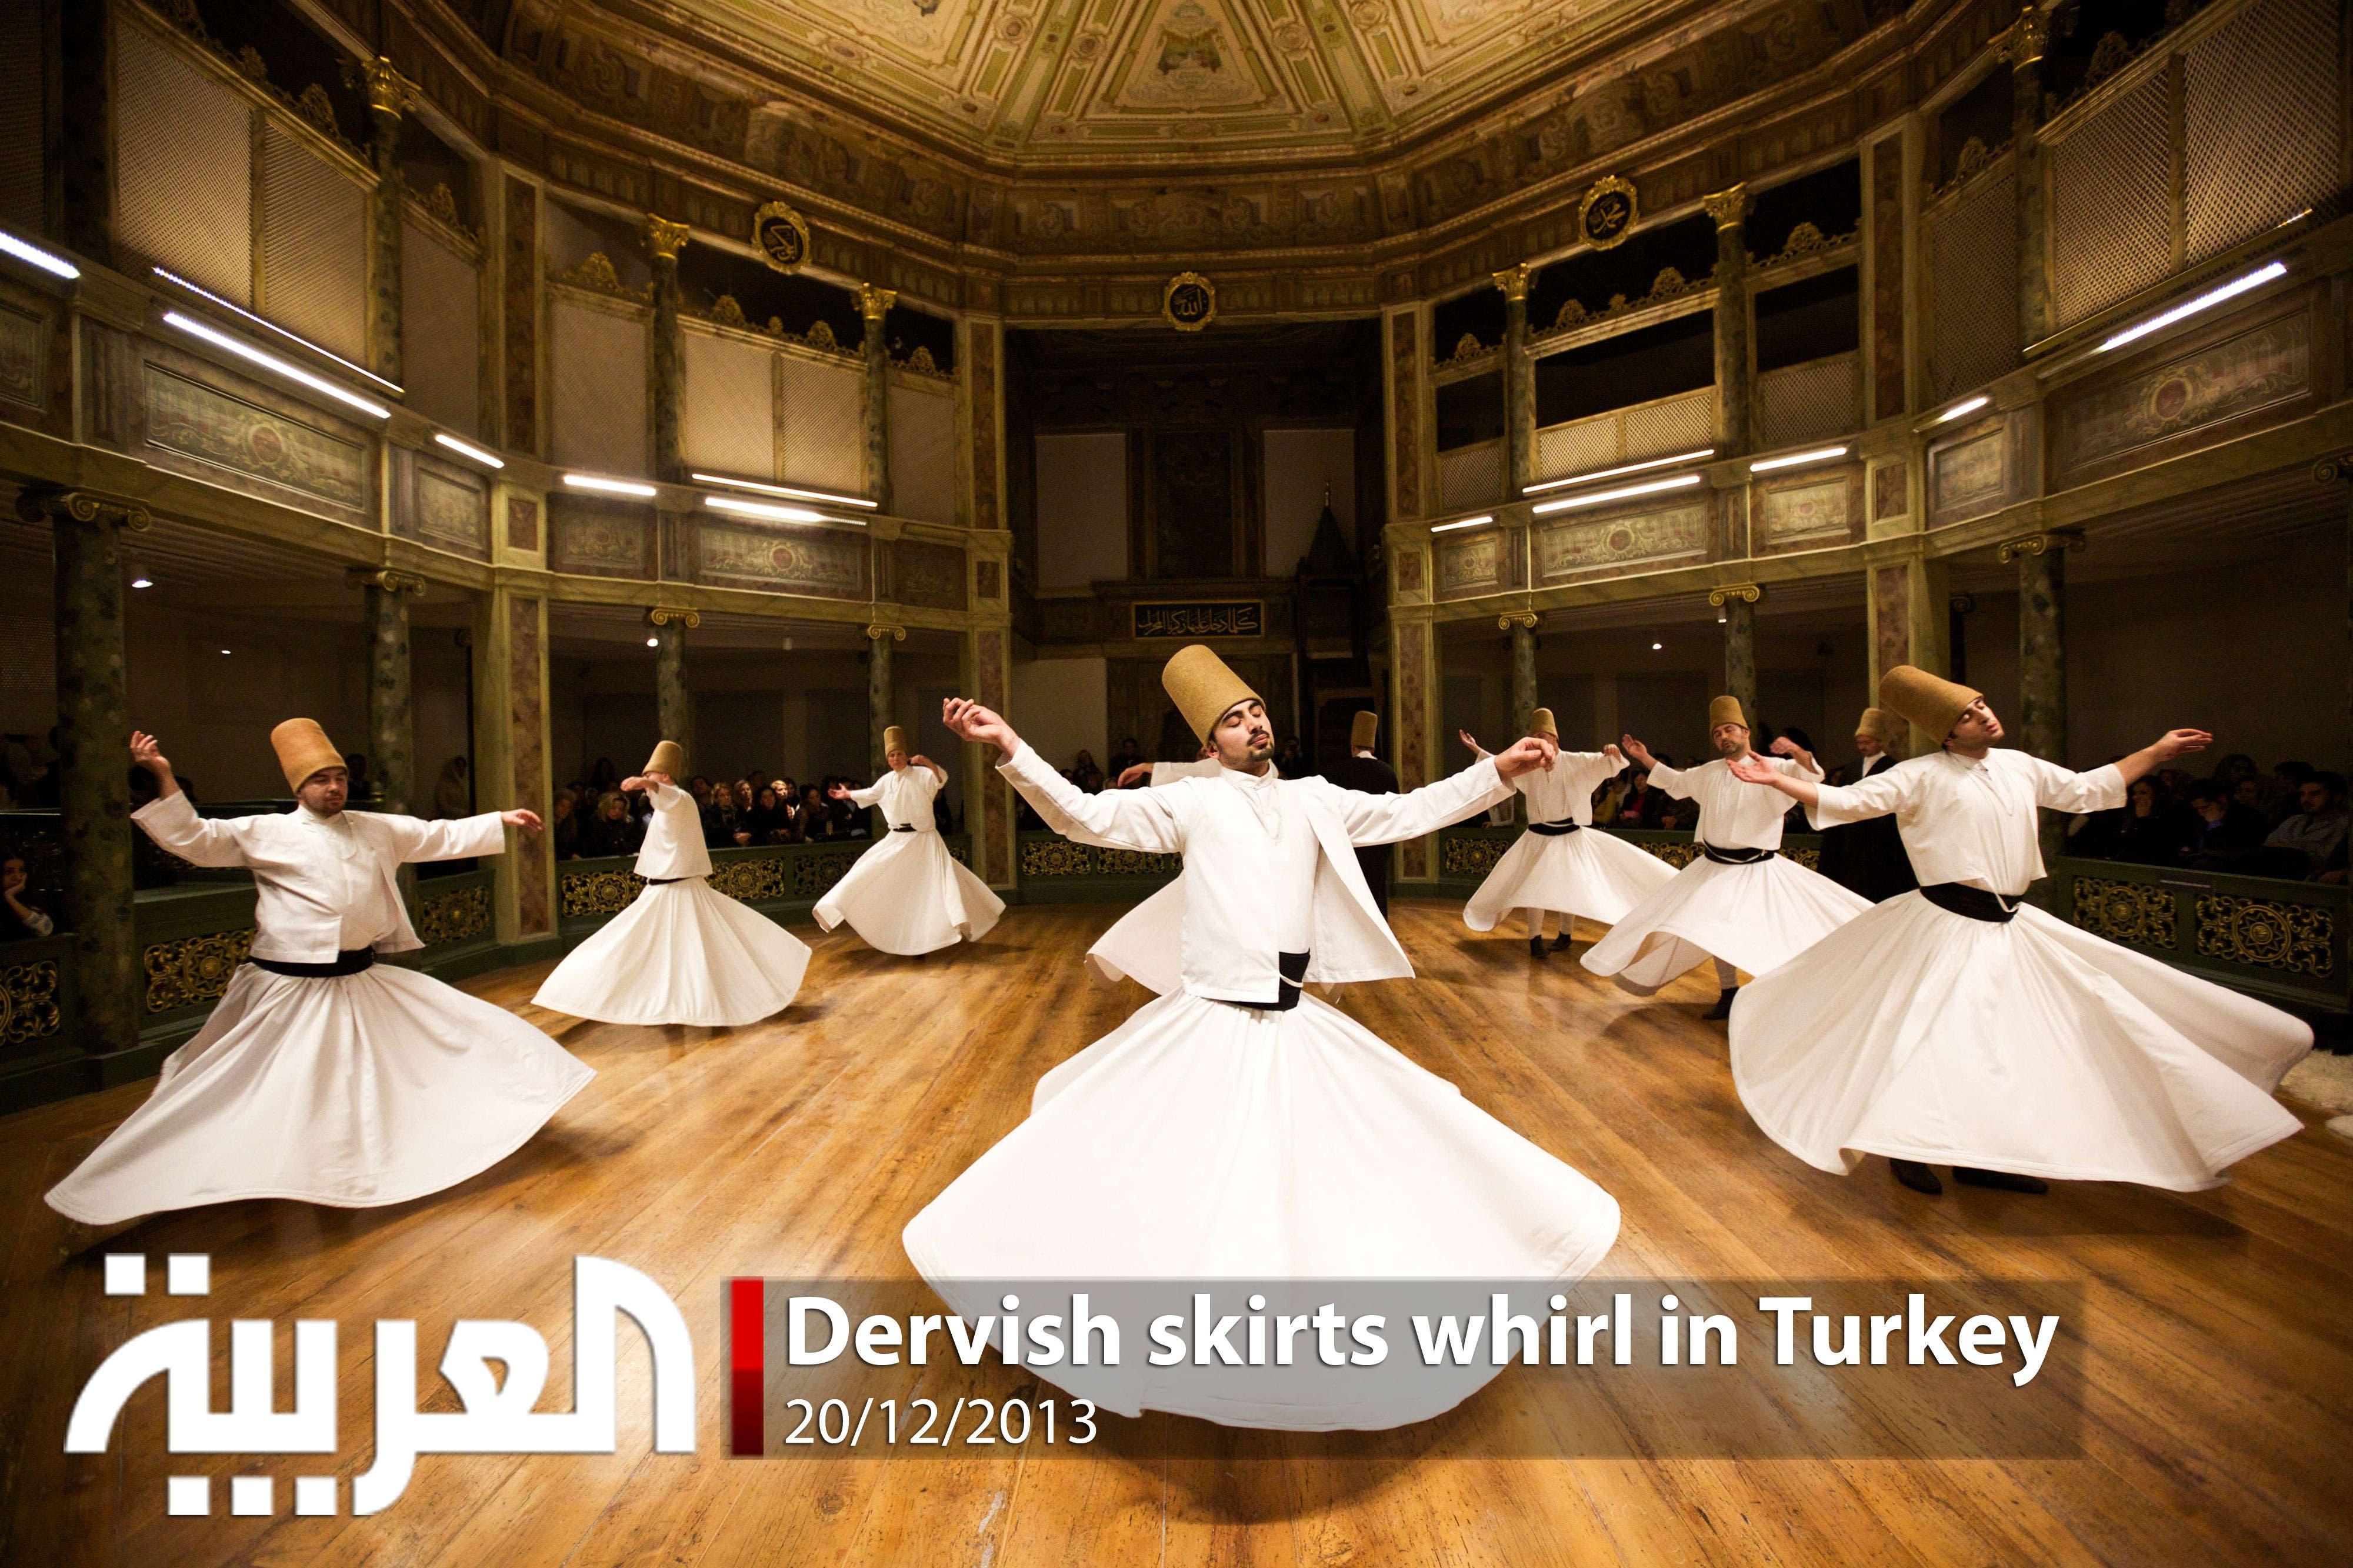 Dervish skirts whirl in Turkey